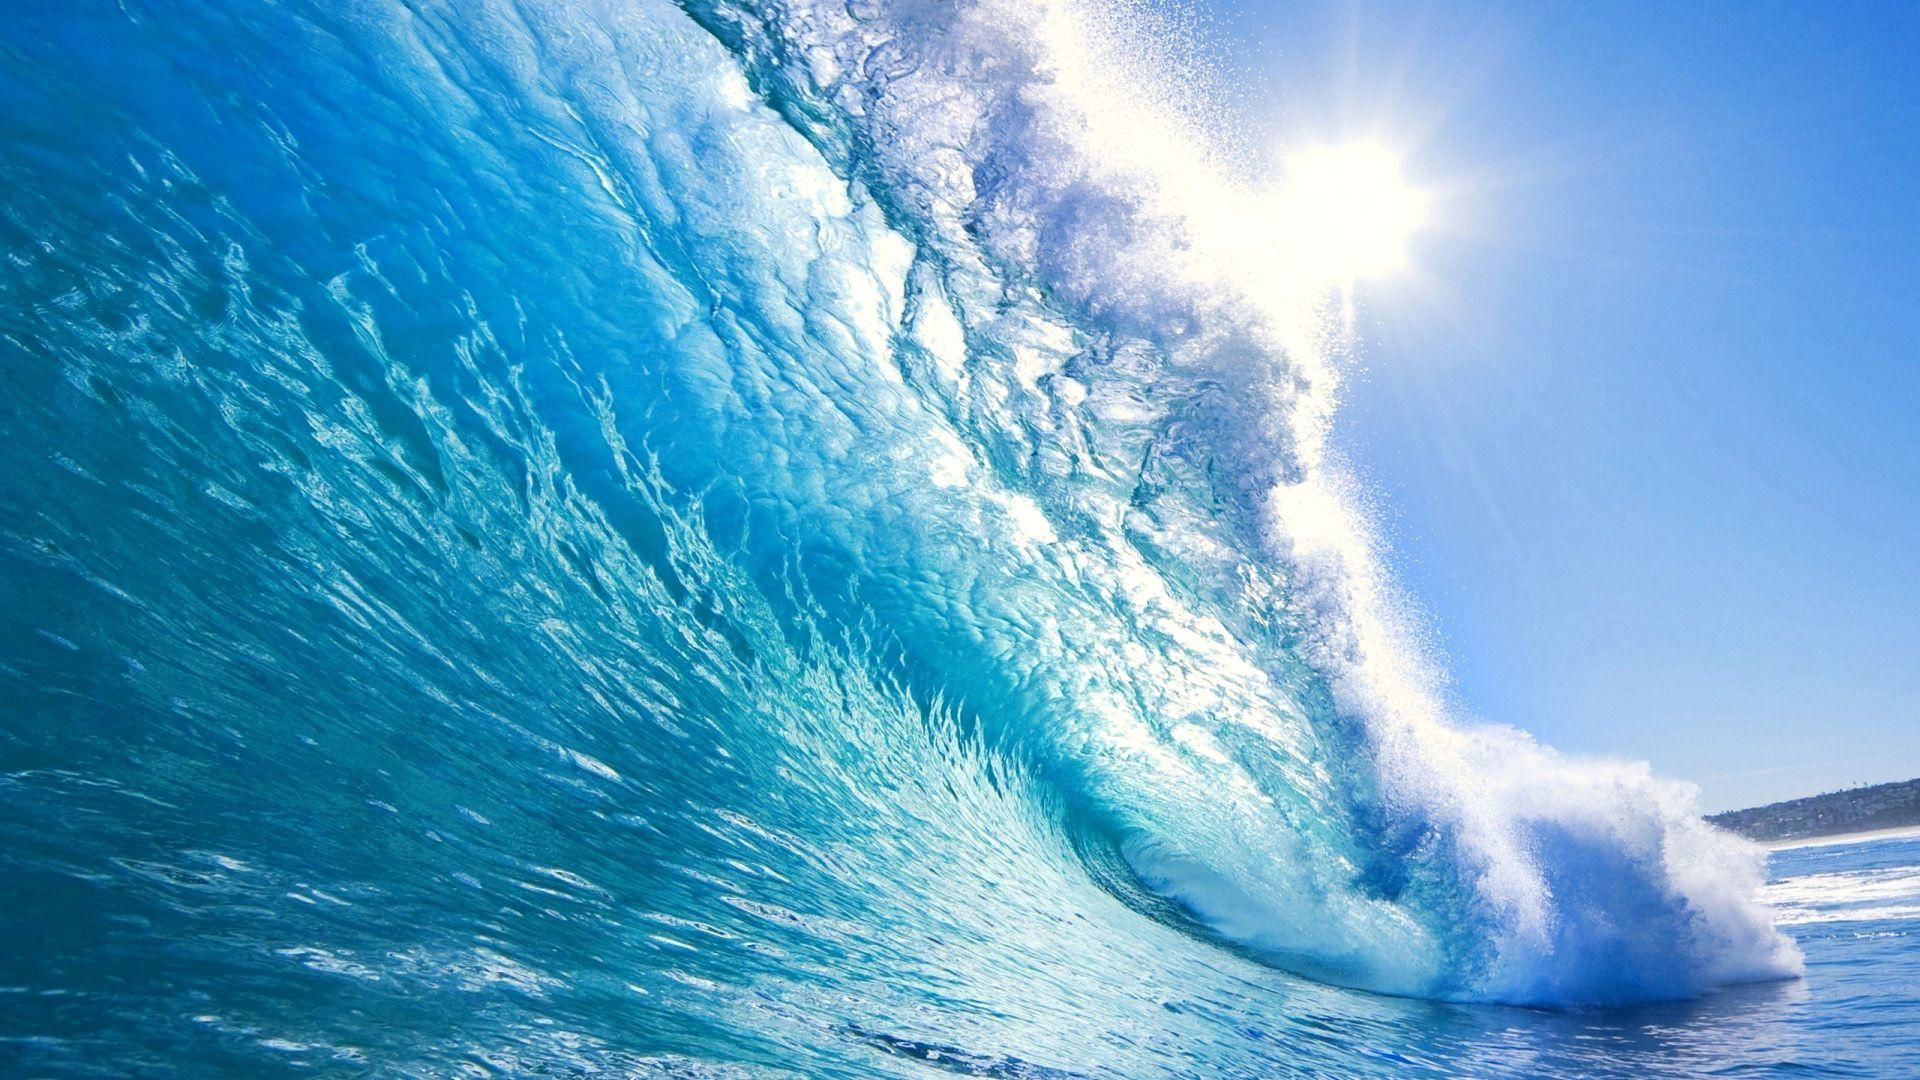 Ocean Waves Wallpapers Top Free Ocean Waves Backgrounds